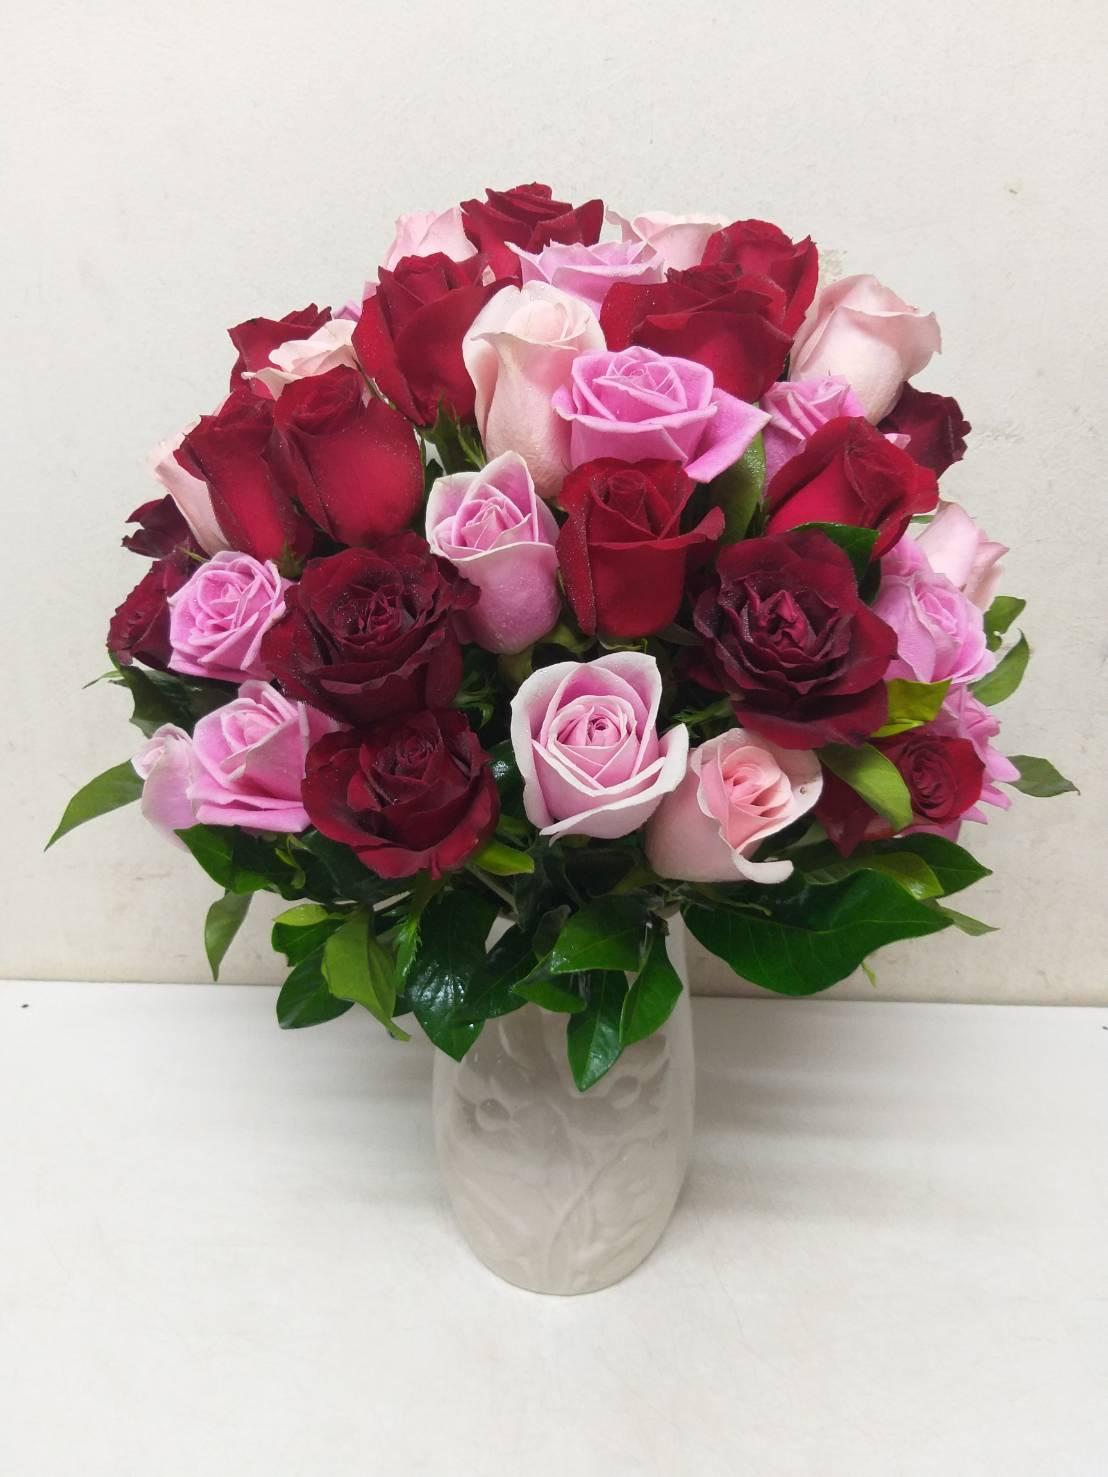 แจกันดอกกุหลาบคละสี สร้างความโดดเด่นสะดุดตาภายในบ้านหรือห้องทำงานได้ดีทีเดียว